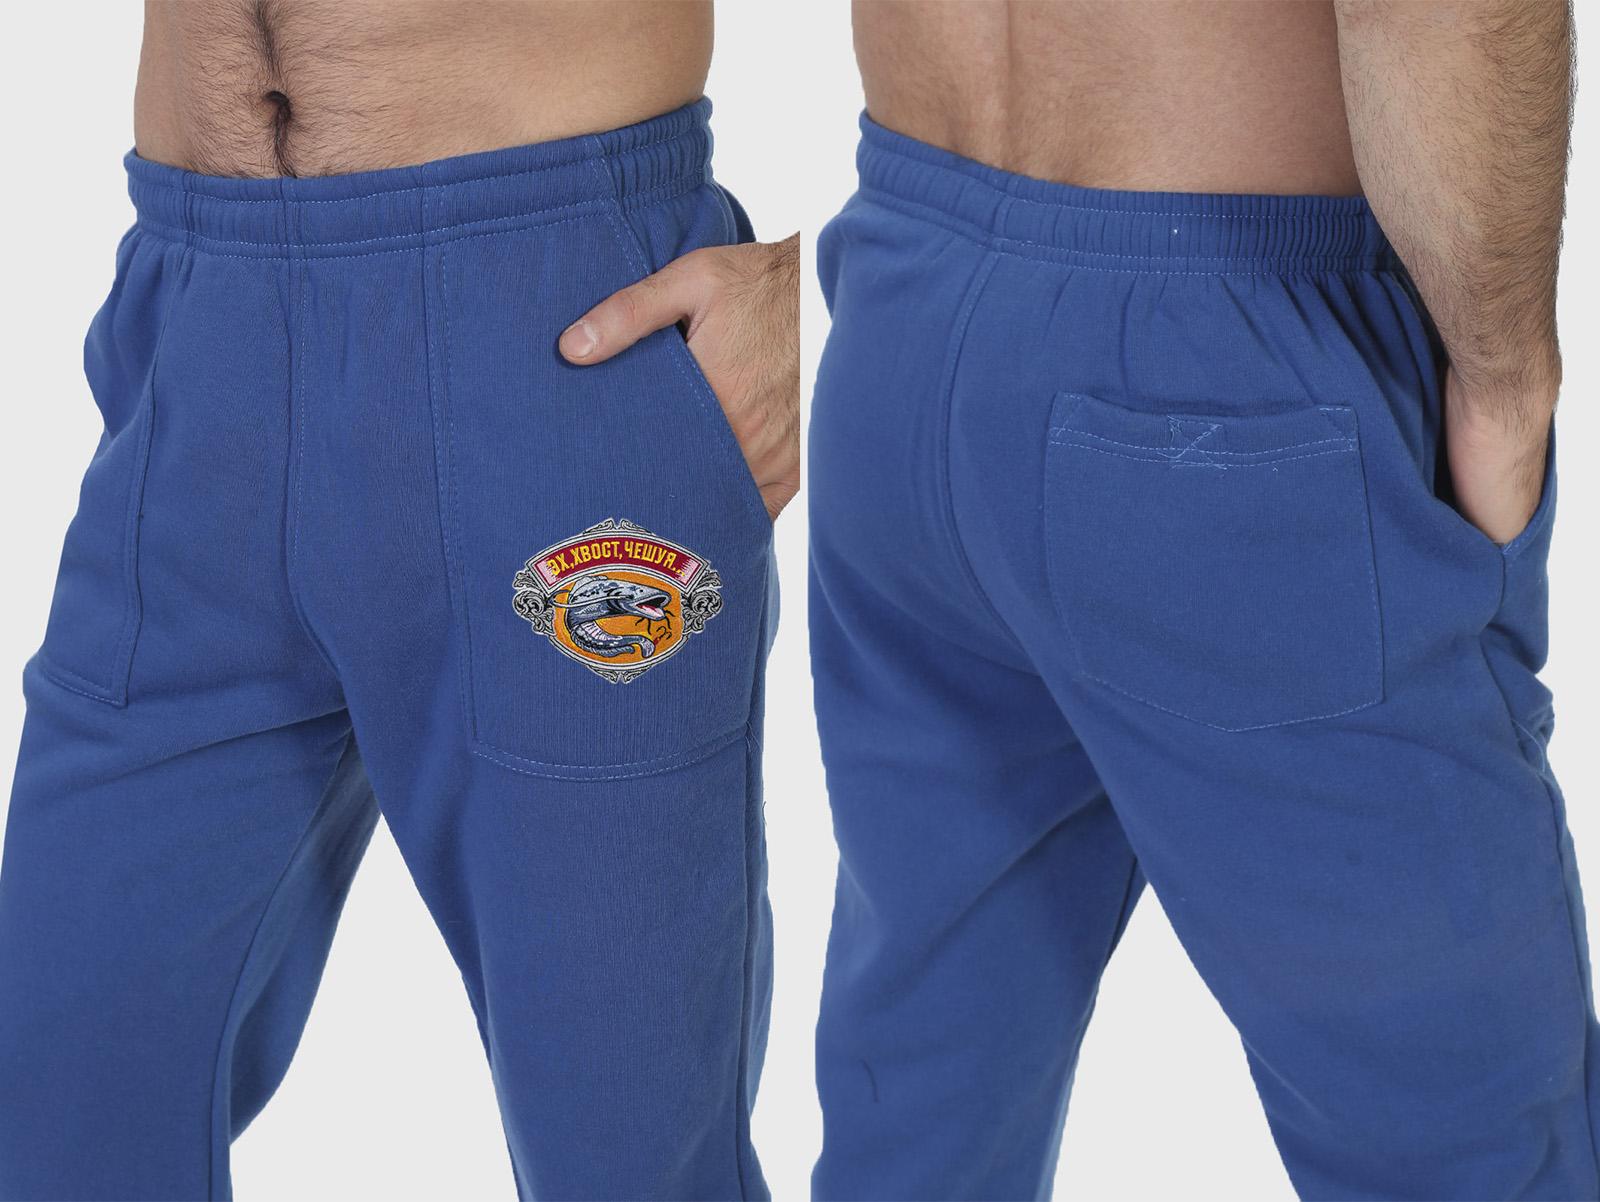 Яркие спортивные штаны рыболова (на флисе) с удобной доставкой